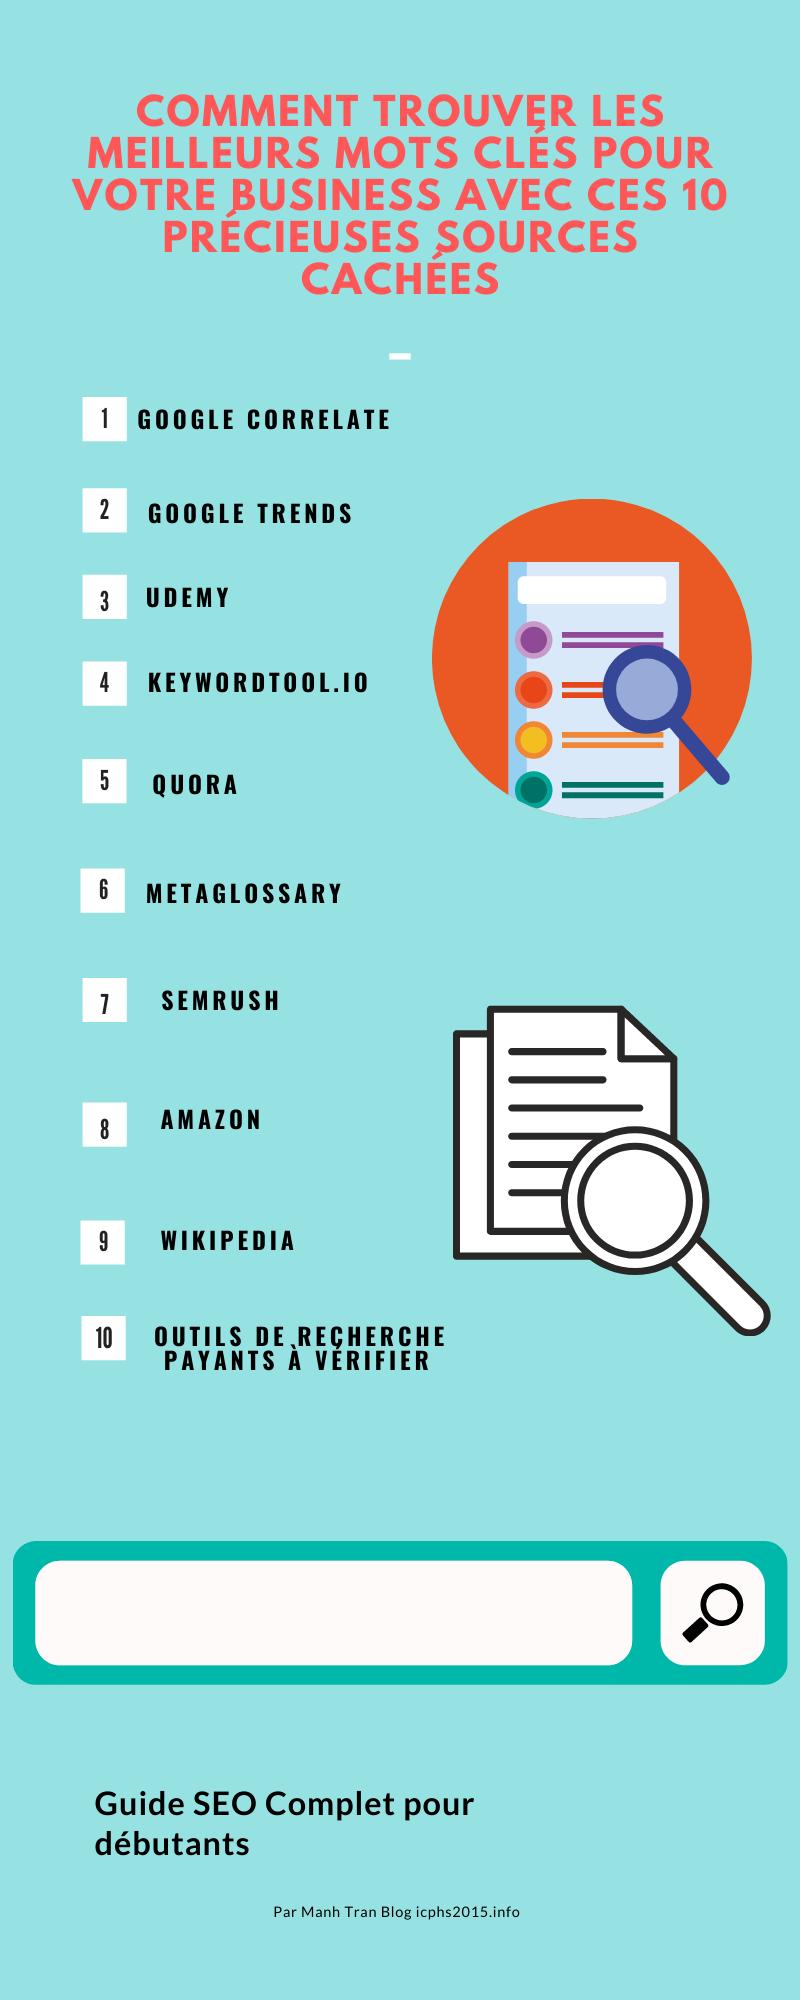 Comment trouver les meilleurs mots clés pour votre business avec ces 10 précieuses sources cachées